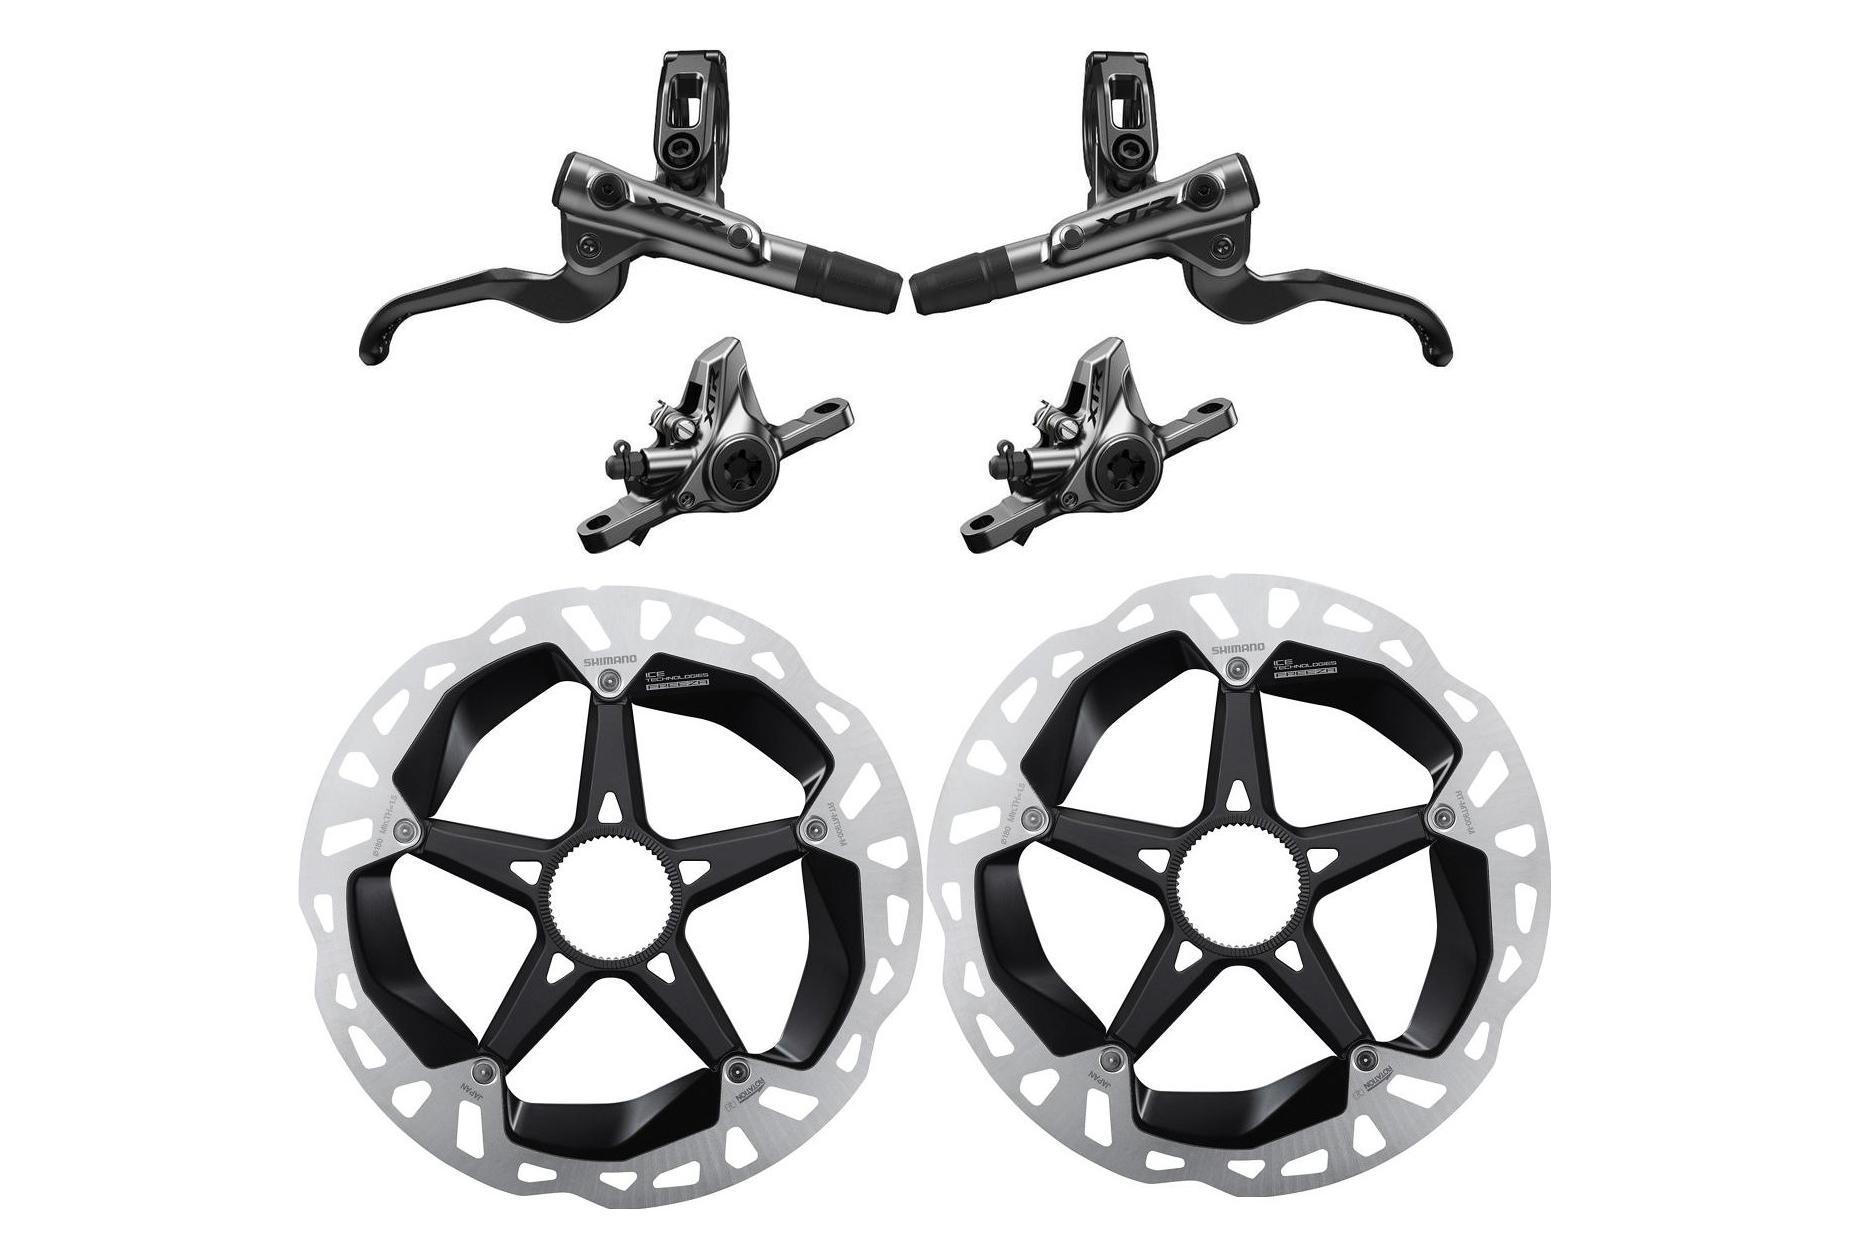 Vélo plaquettes de freins CONTEC cbs-400 plaquettes de frein 4 pièces 2 paire shimano compatible